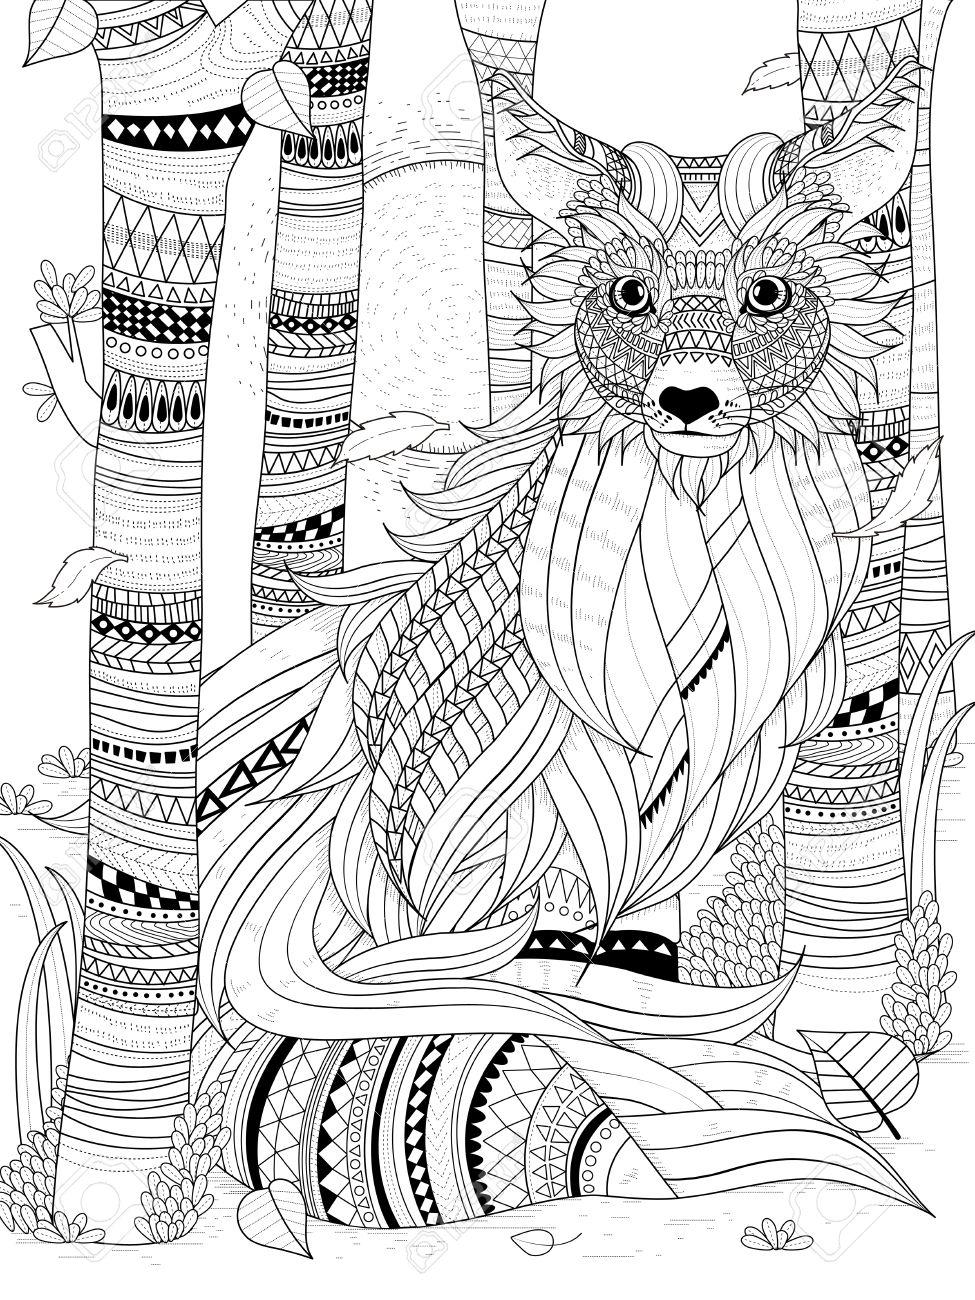 Coloriage Adulte Foret.Fox Pelucheux Dans La Foret Coloriage Adulte